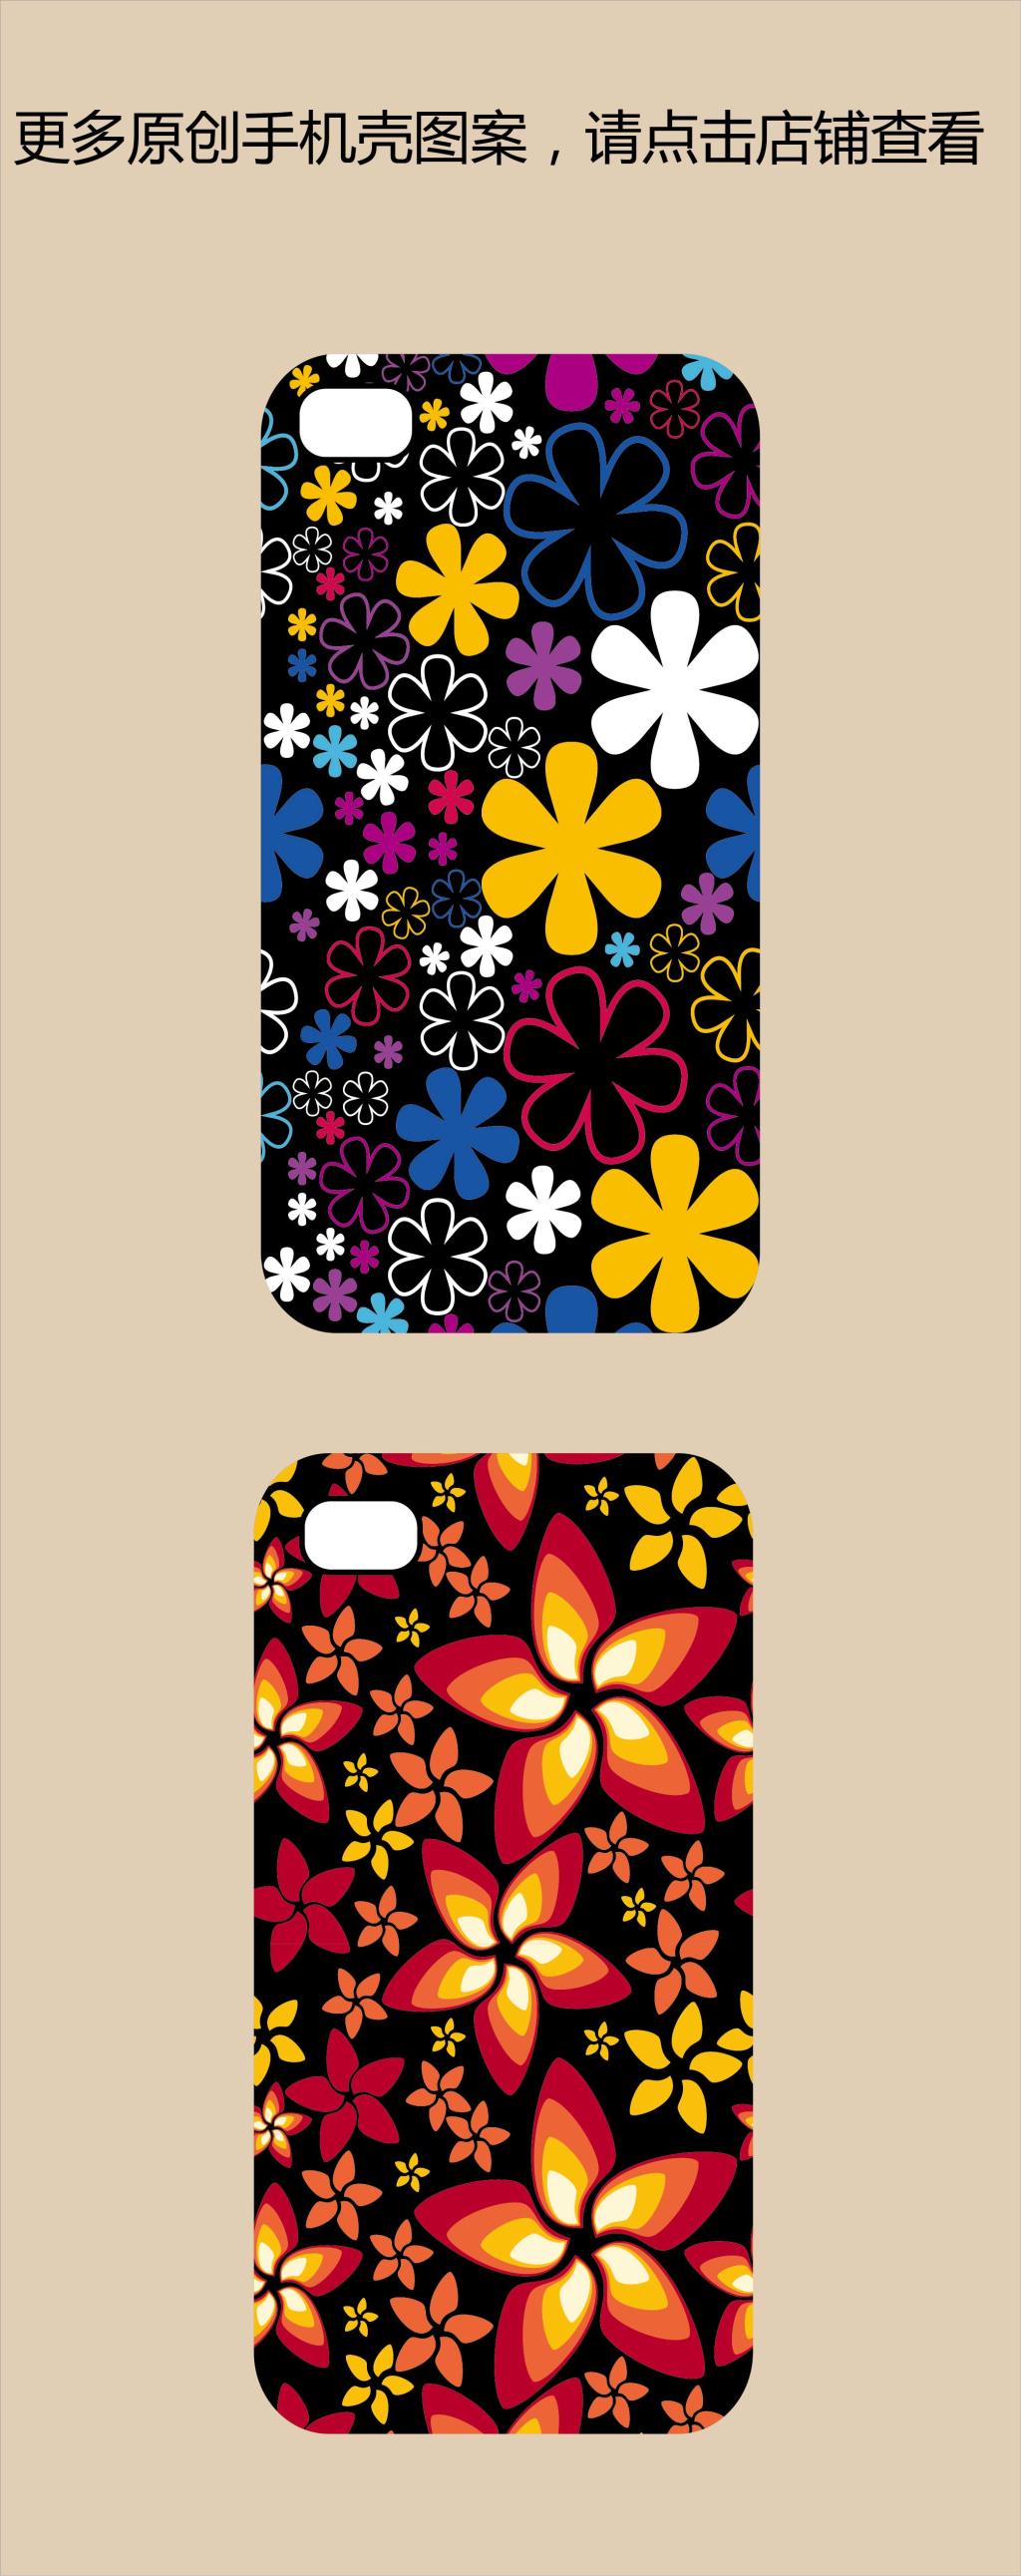 手绘花朵手机壳图案设计